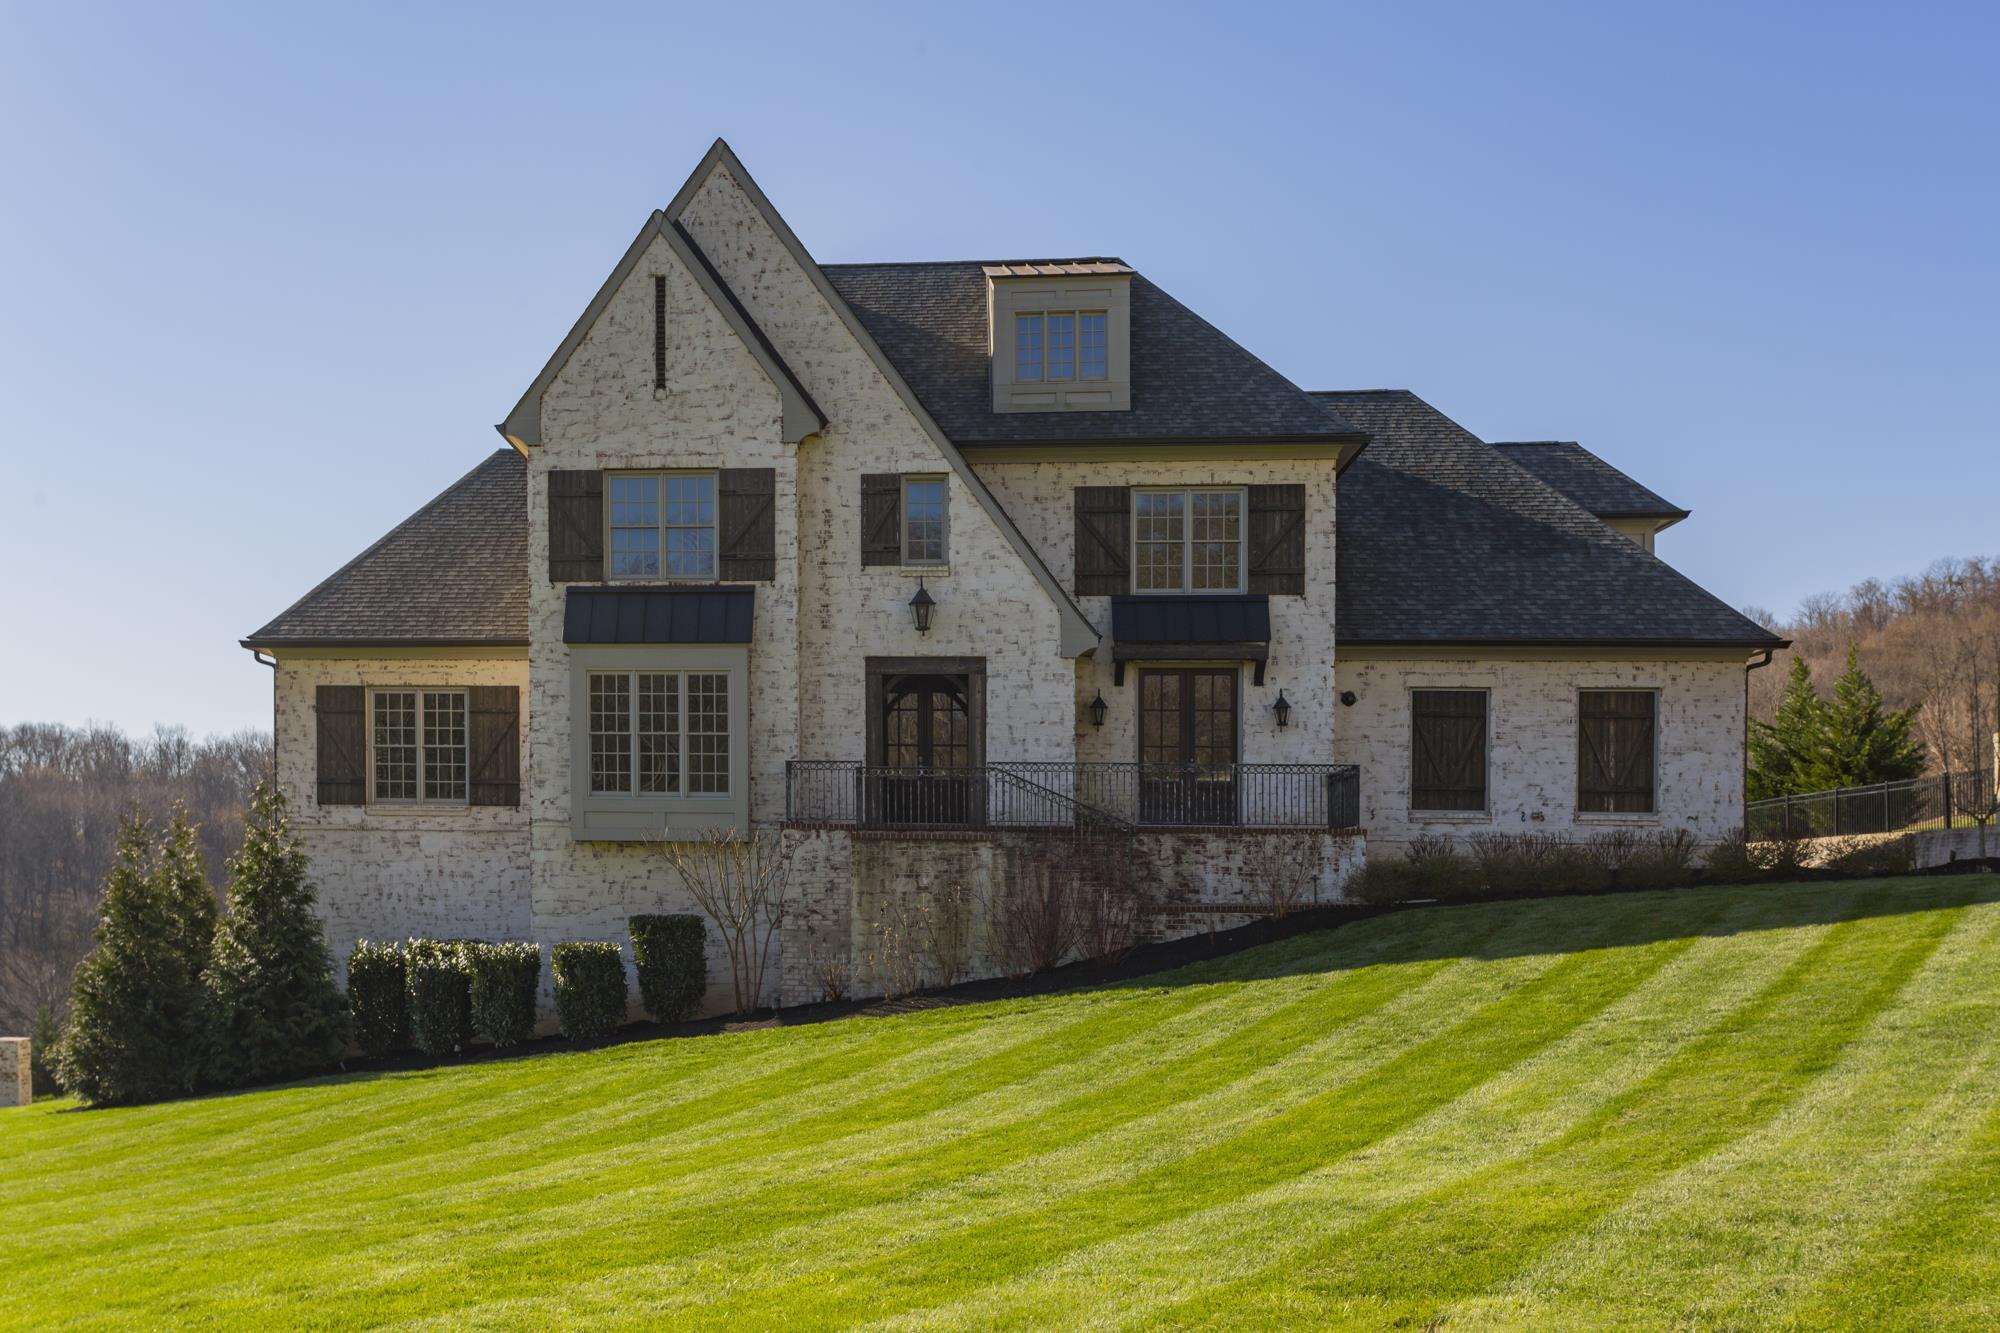 4428 Ivan Creek Dr, Franklin, TN 37064 - Franklin, TN real estate listing